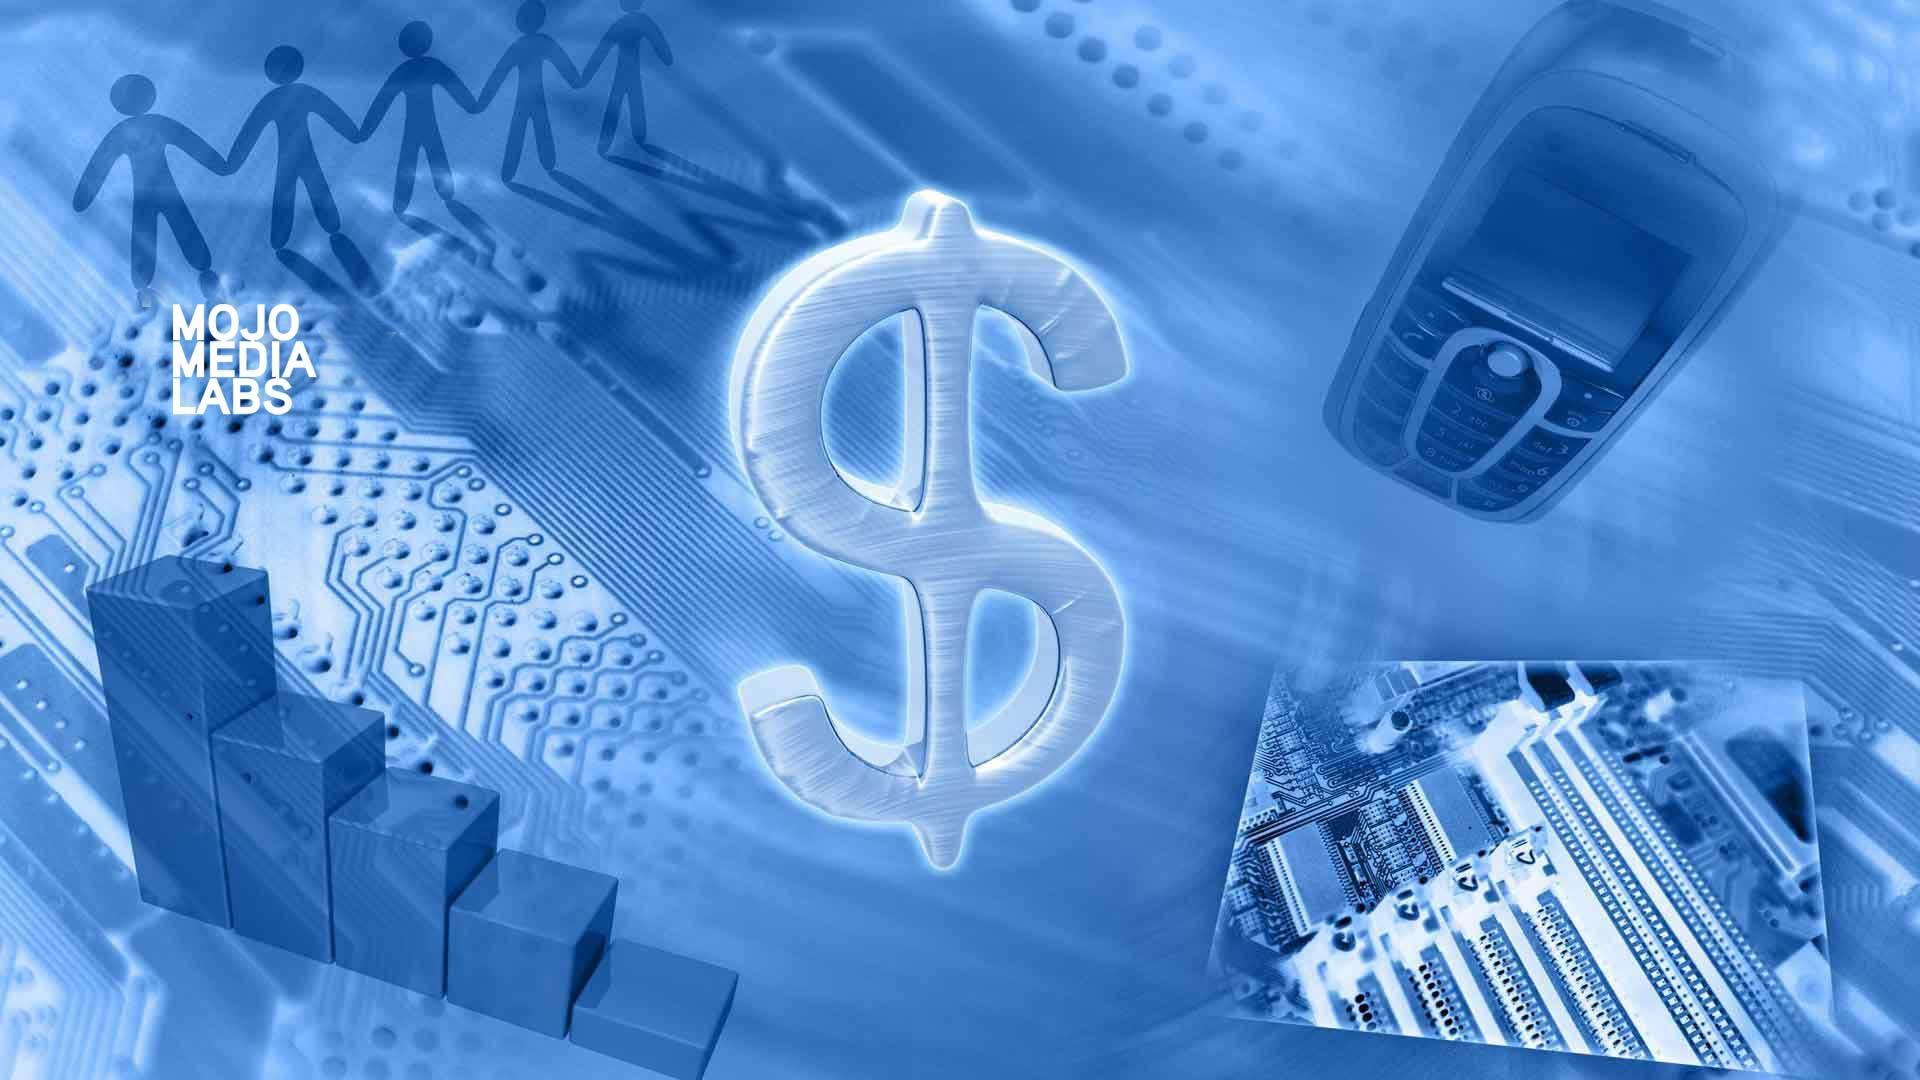 Presentation Economy Background